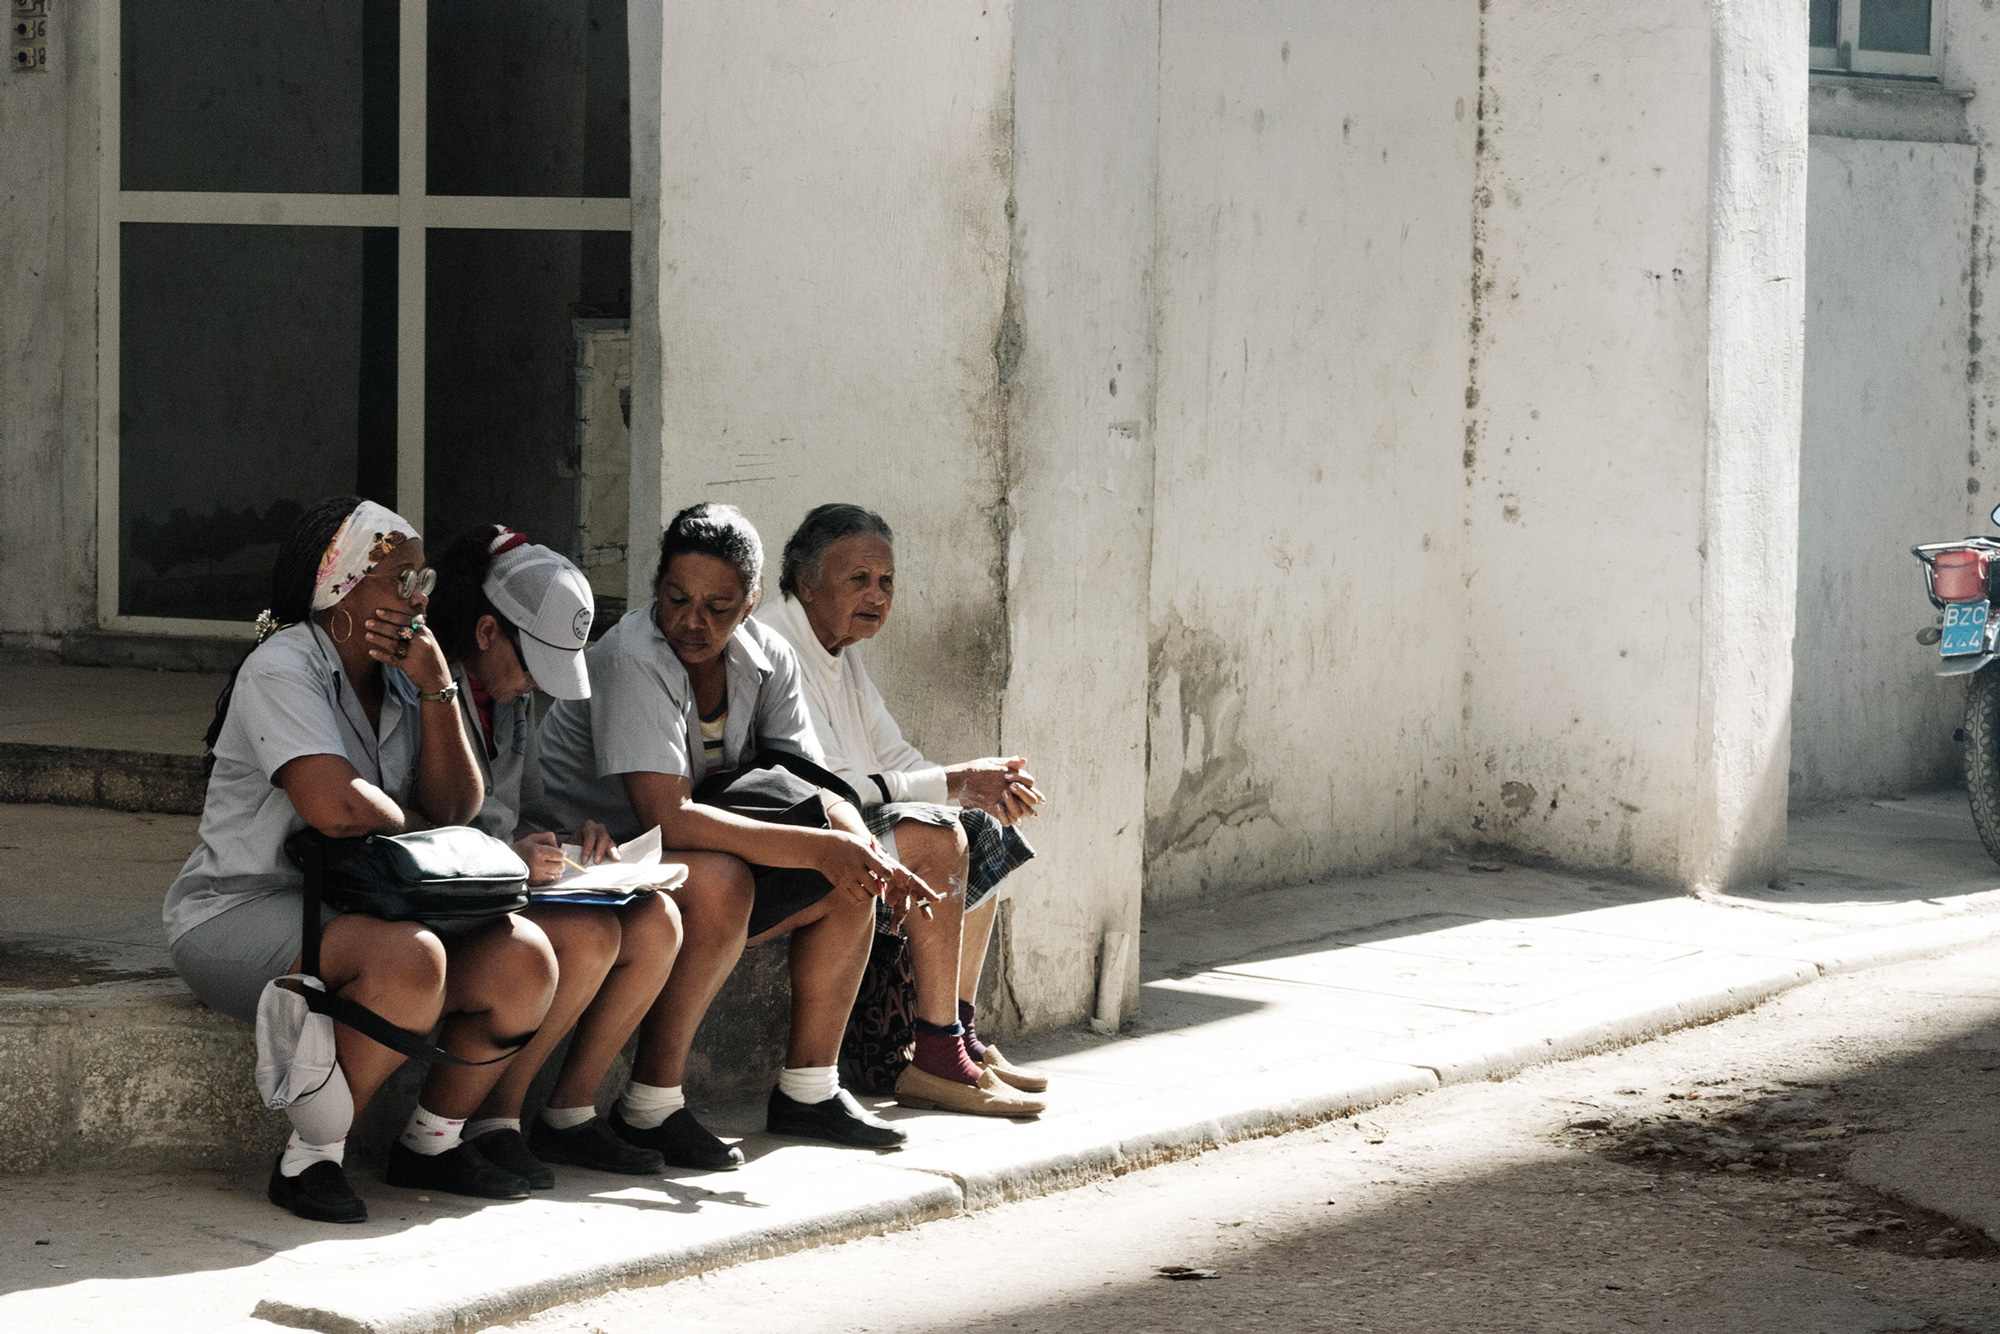 cuba 4 femmes discutent rue murs blancs